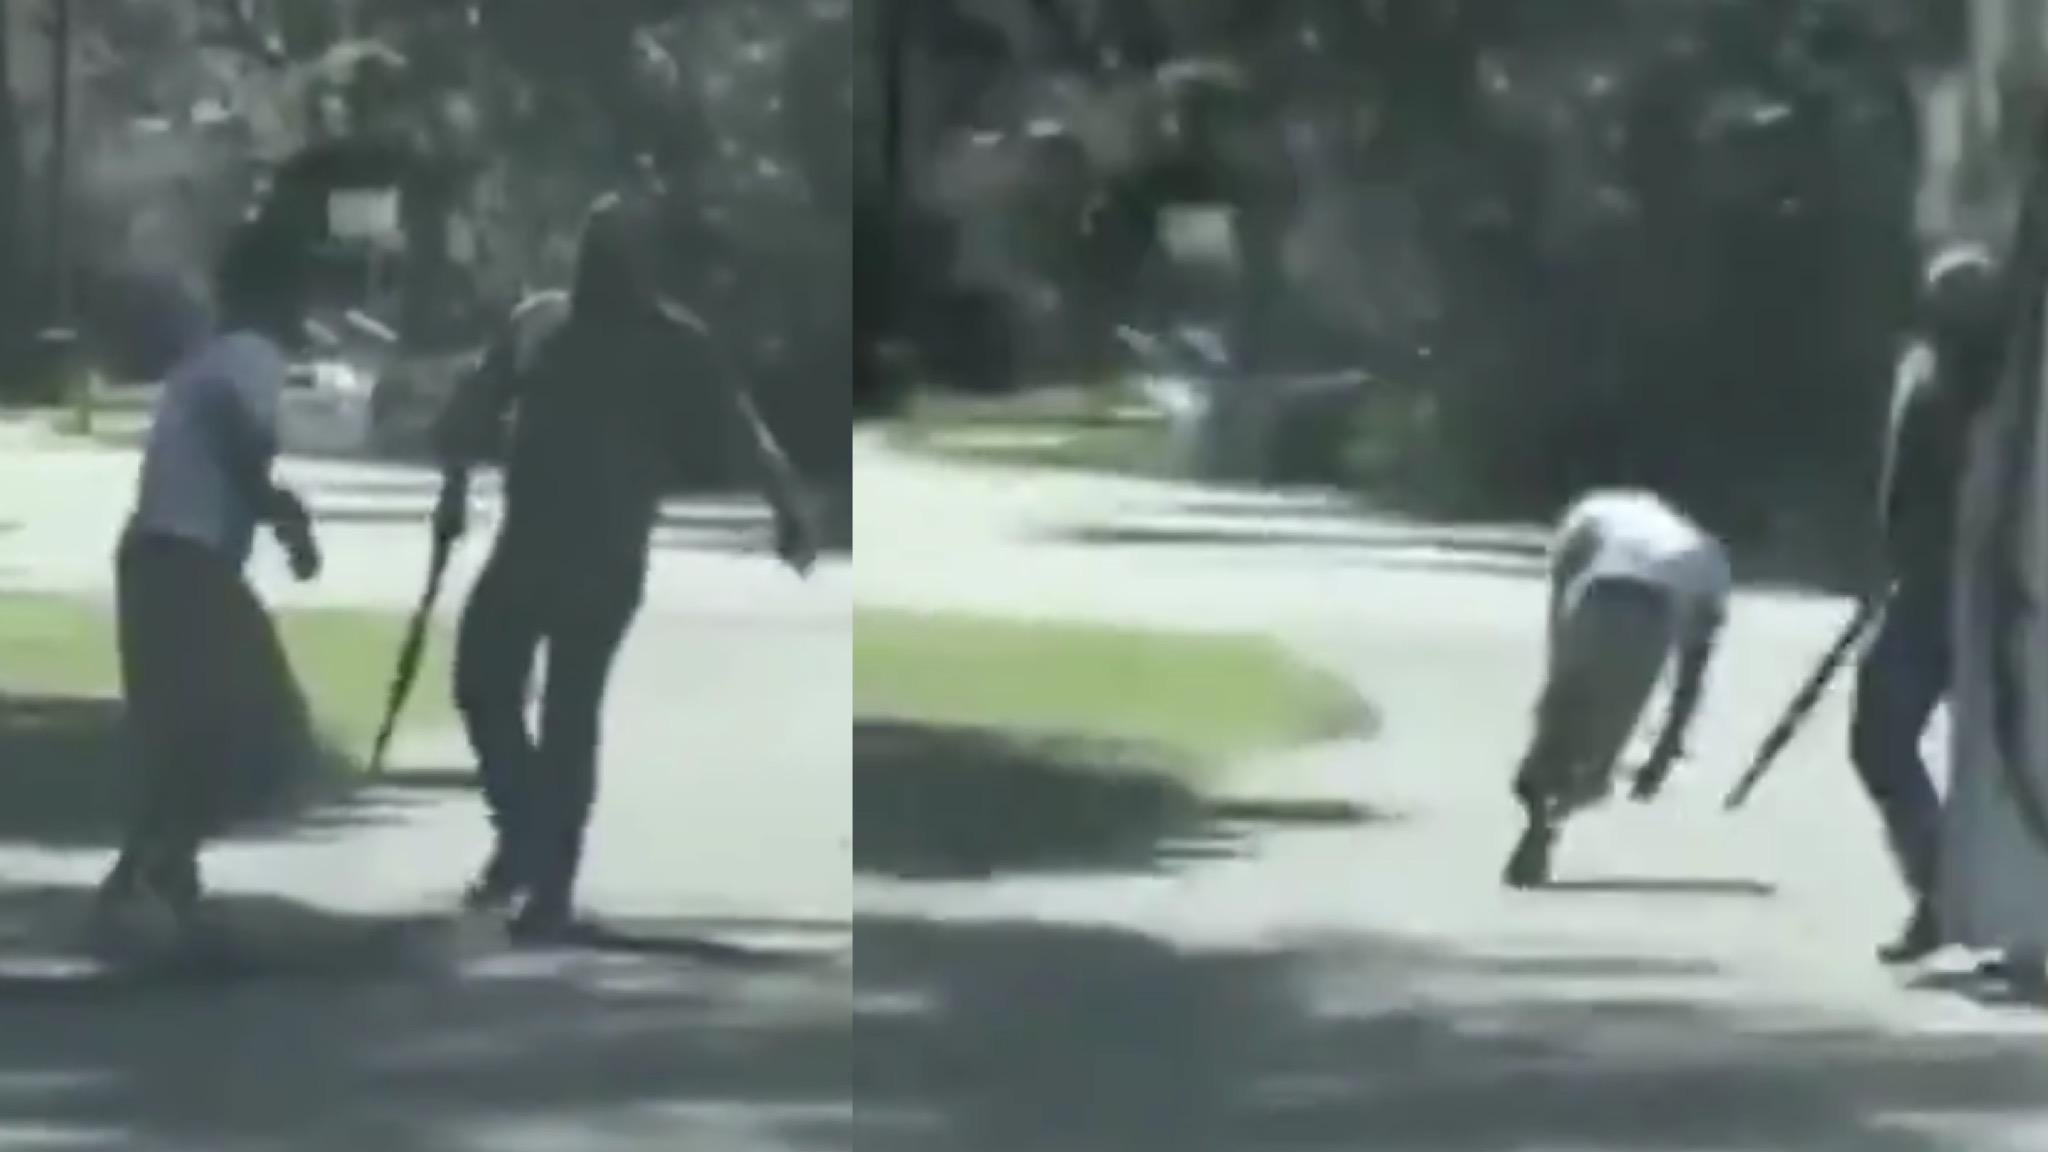 Evil White Police Killed Black Man Jogging In SE Georgia